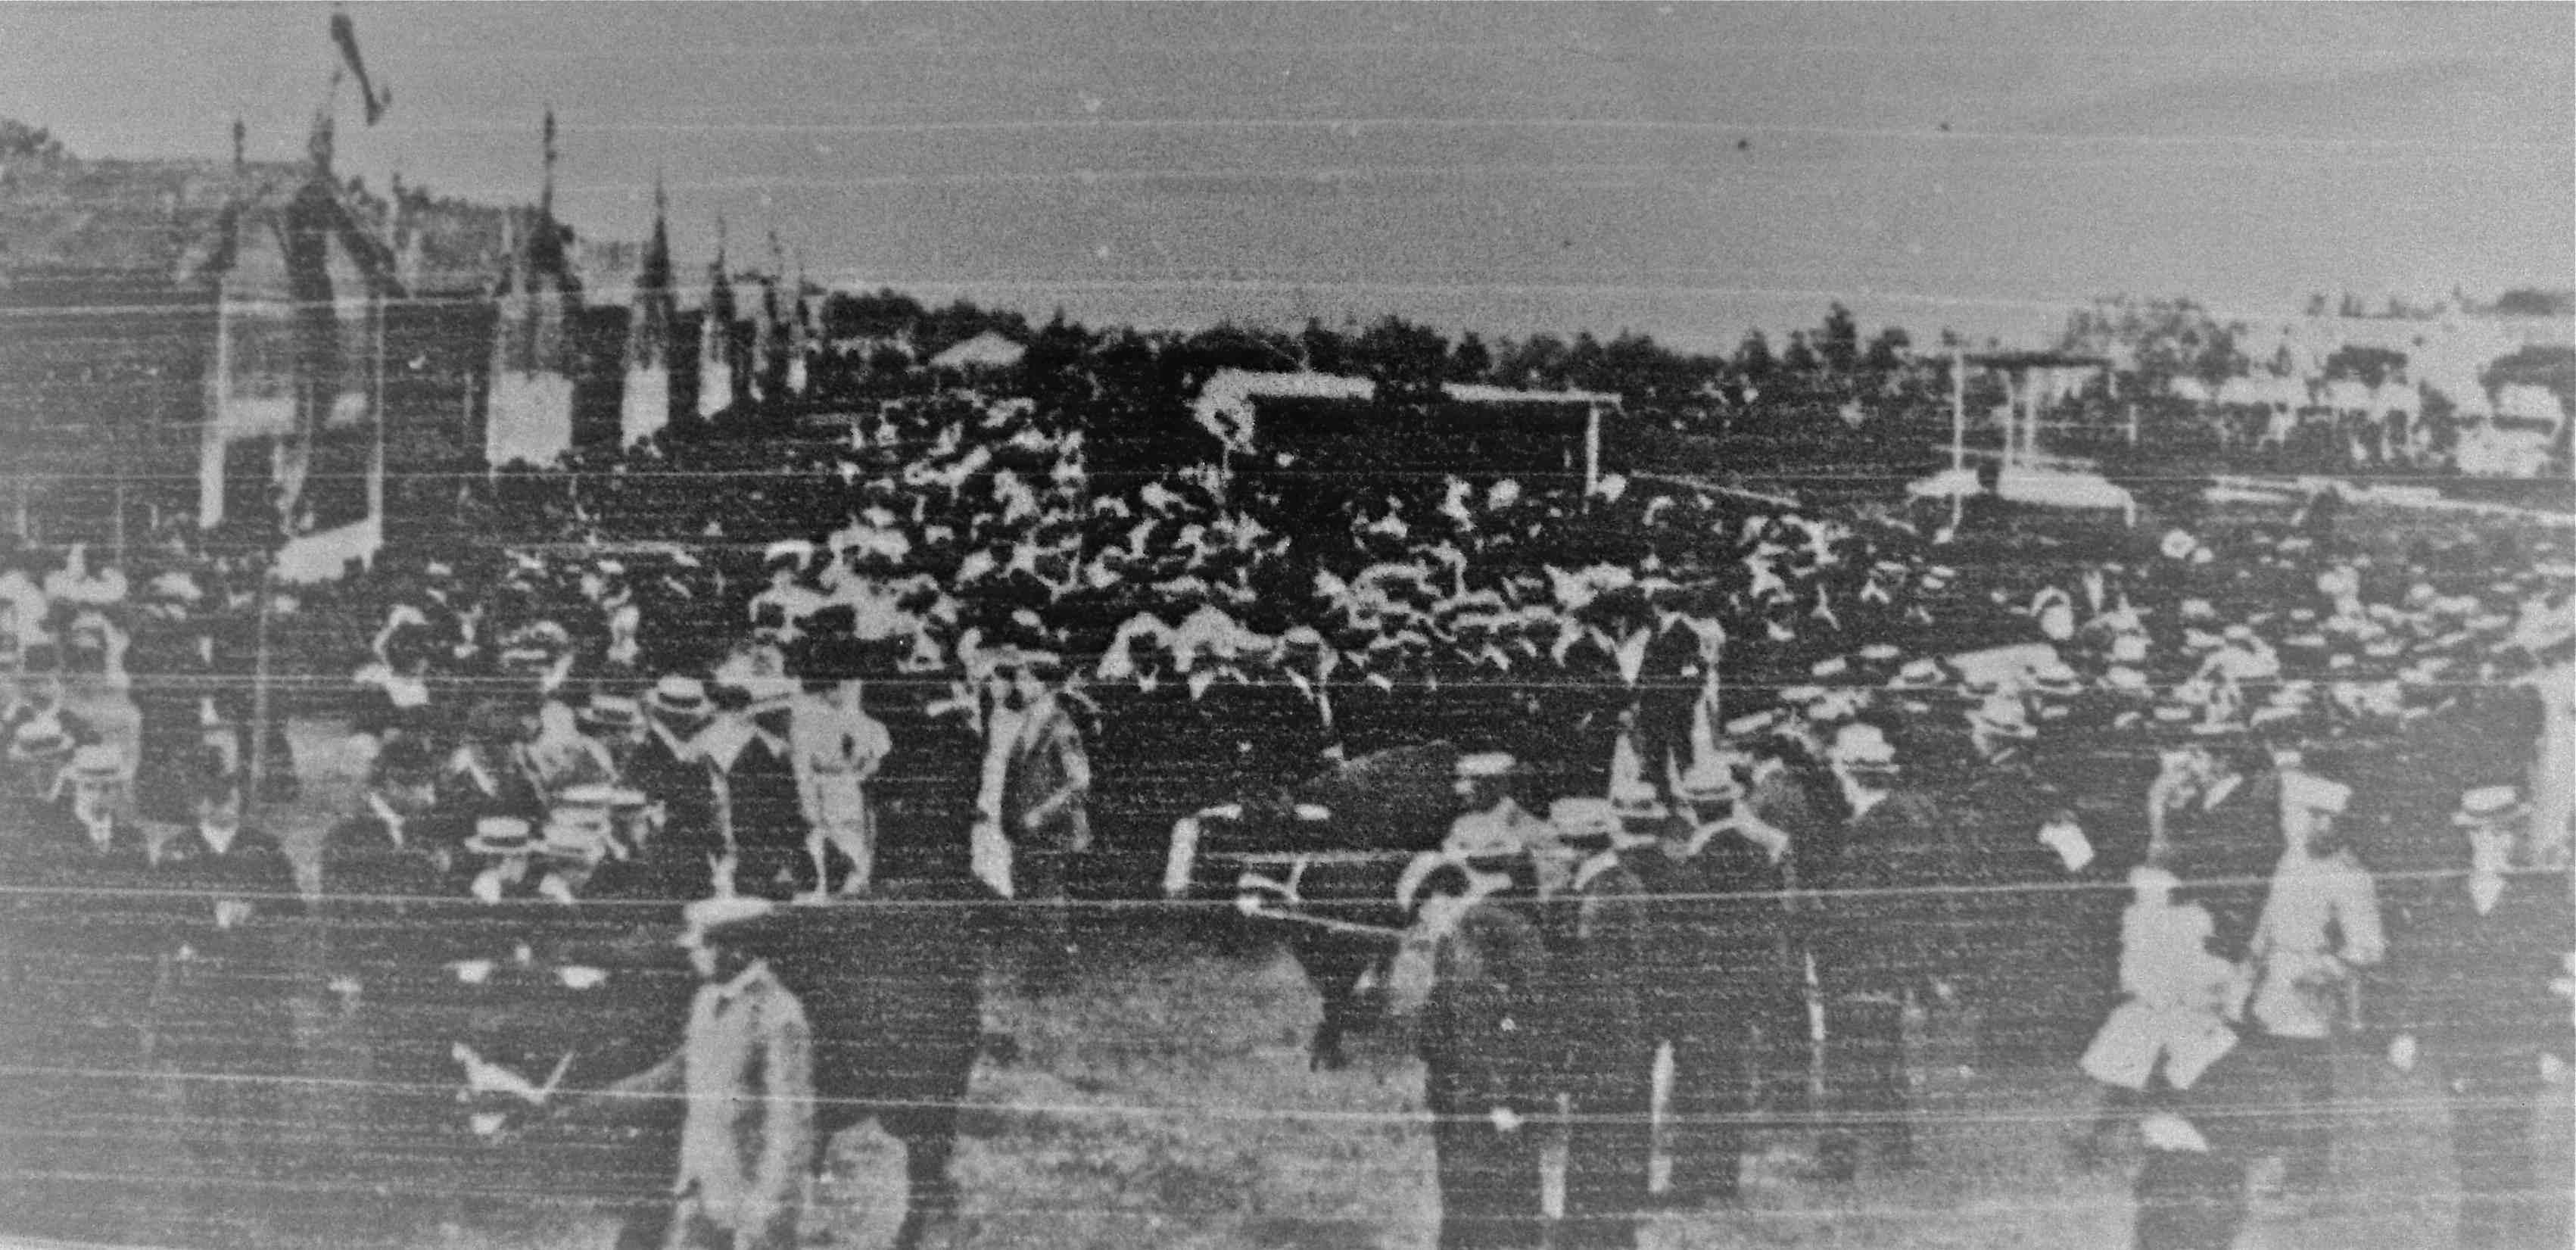 1907-11-17_ZigZagStgo; EsposicionAnimales (5foto002)_16032013.jpg